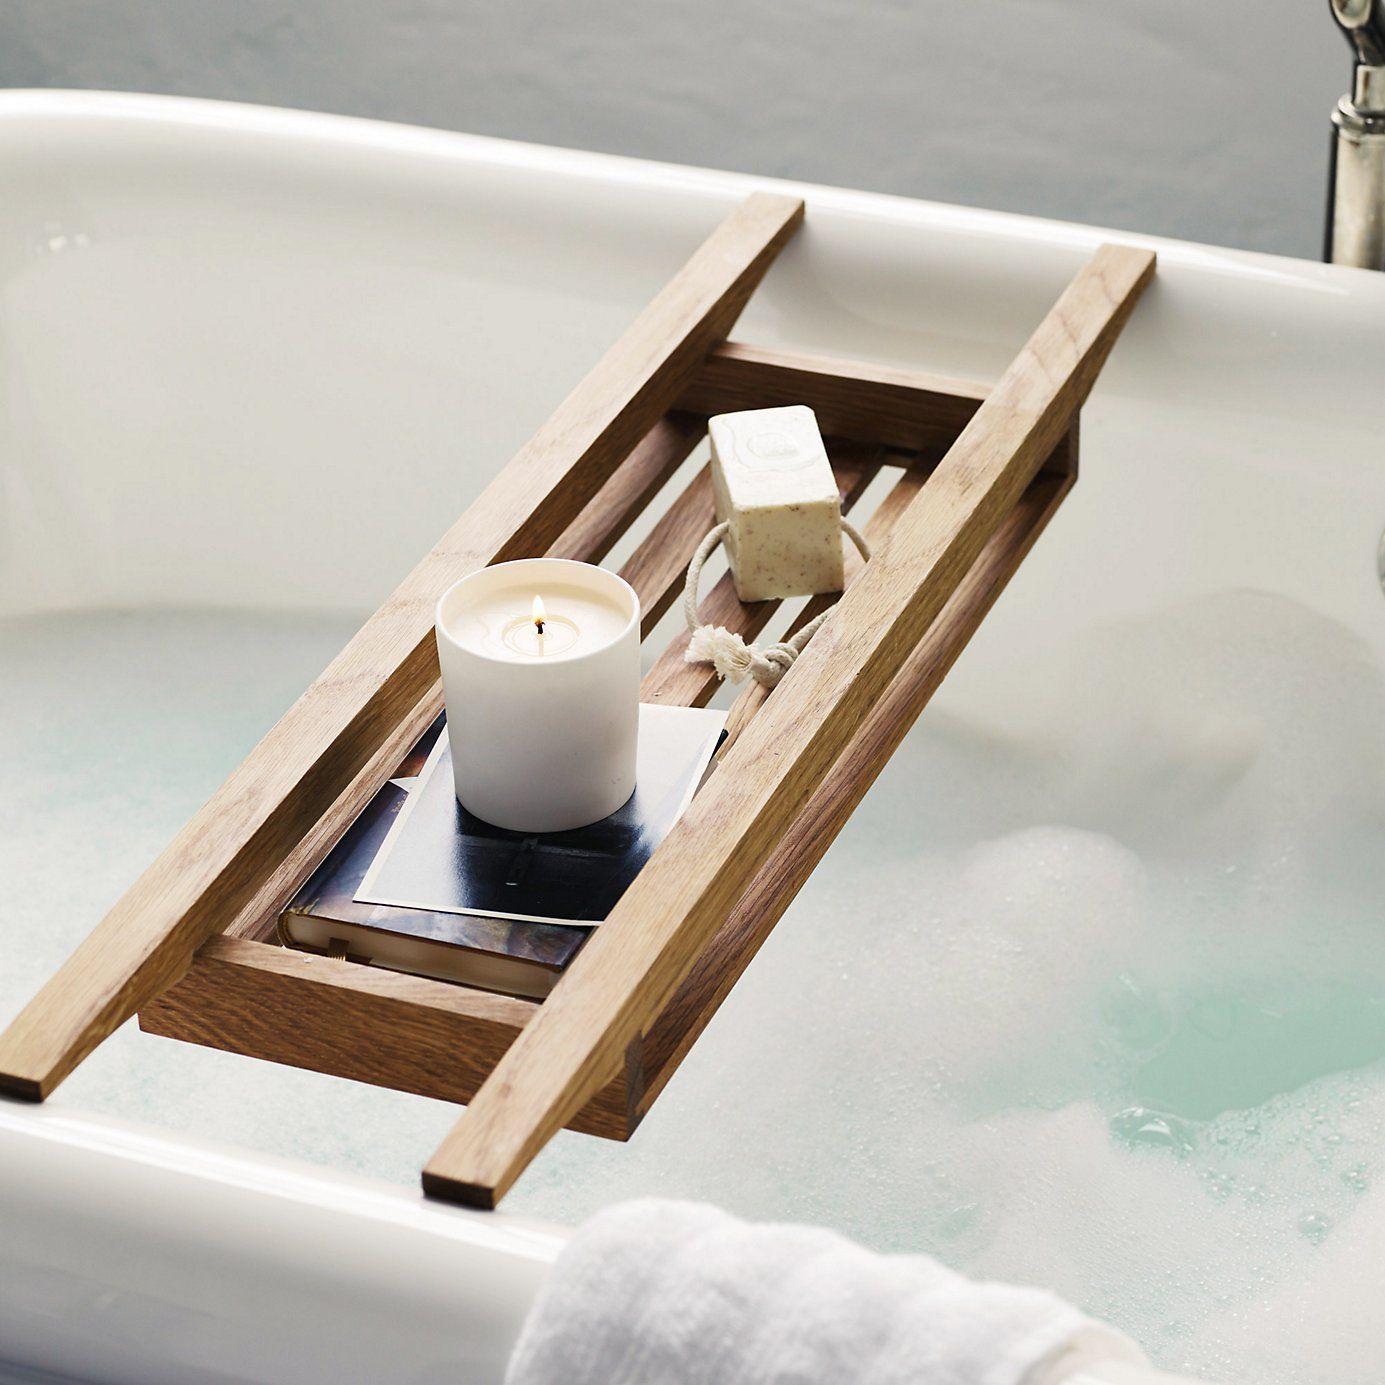 Bath Tray Reclaimed Wood Tray Bathroom Decor Bath Caddy Wooden